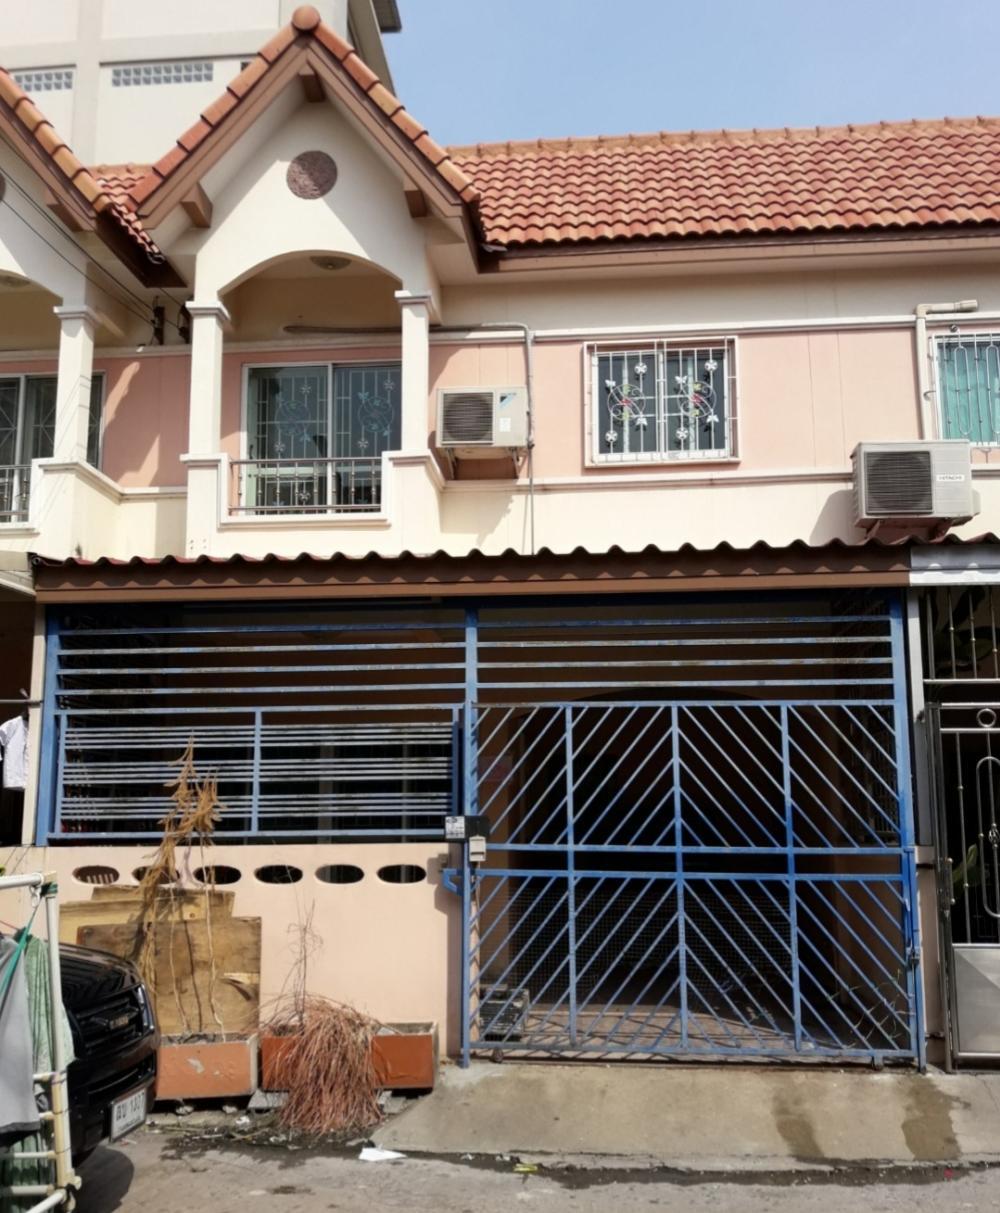 For SaleTownhouseBang kae, Phetkasem : Soi Petchkasem114 BKK houses, townhouses and land for sale by owner